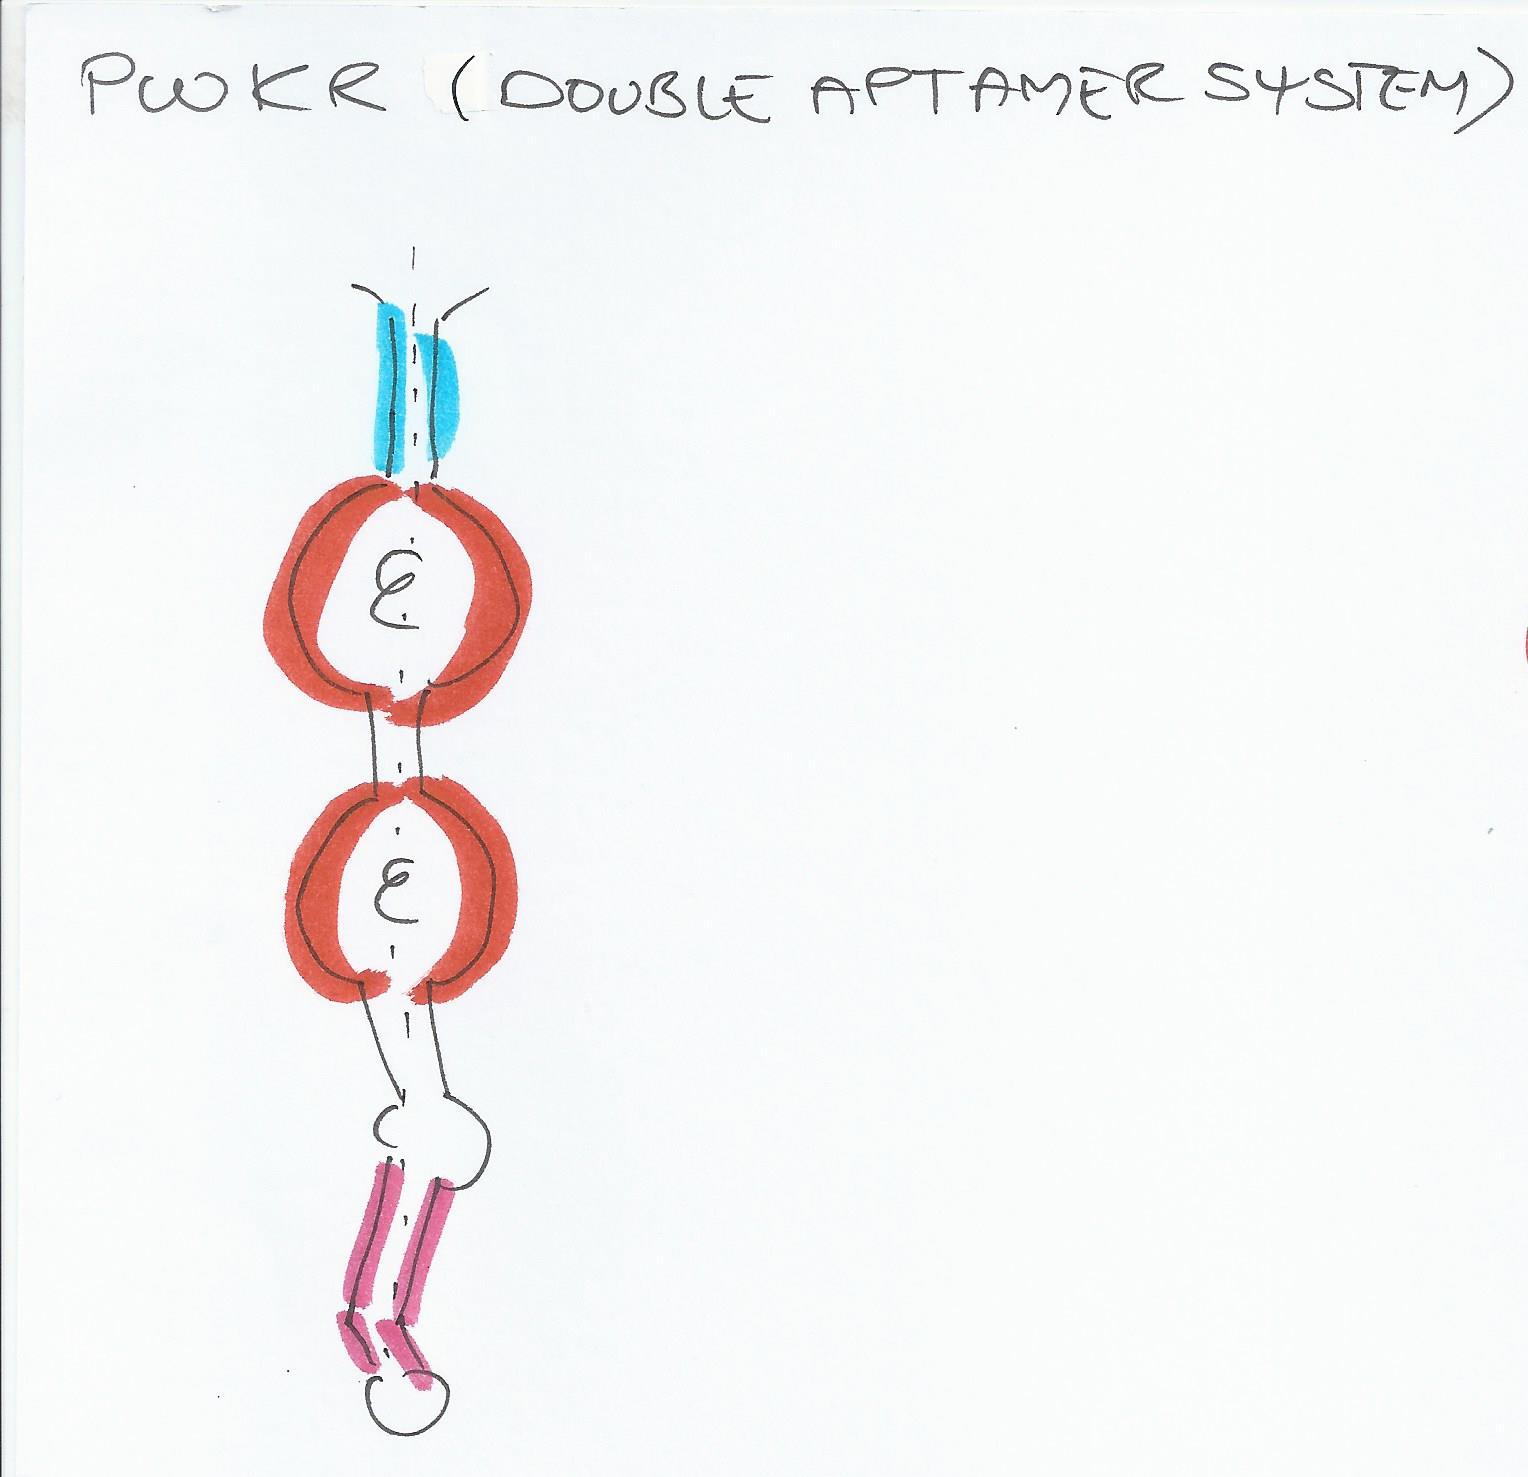 PWKR double FMN aptamerjpg